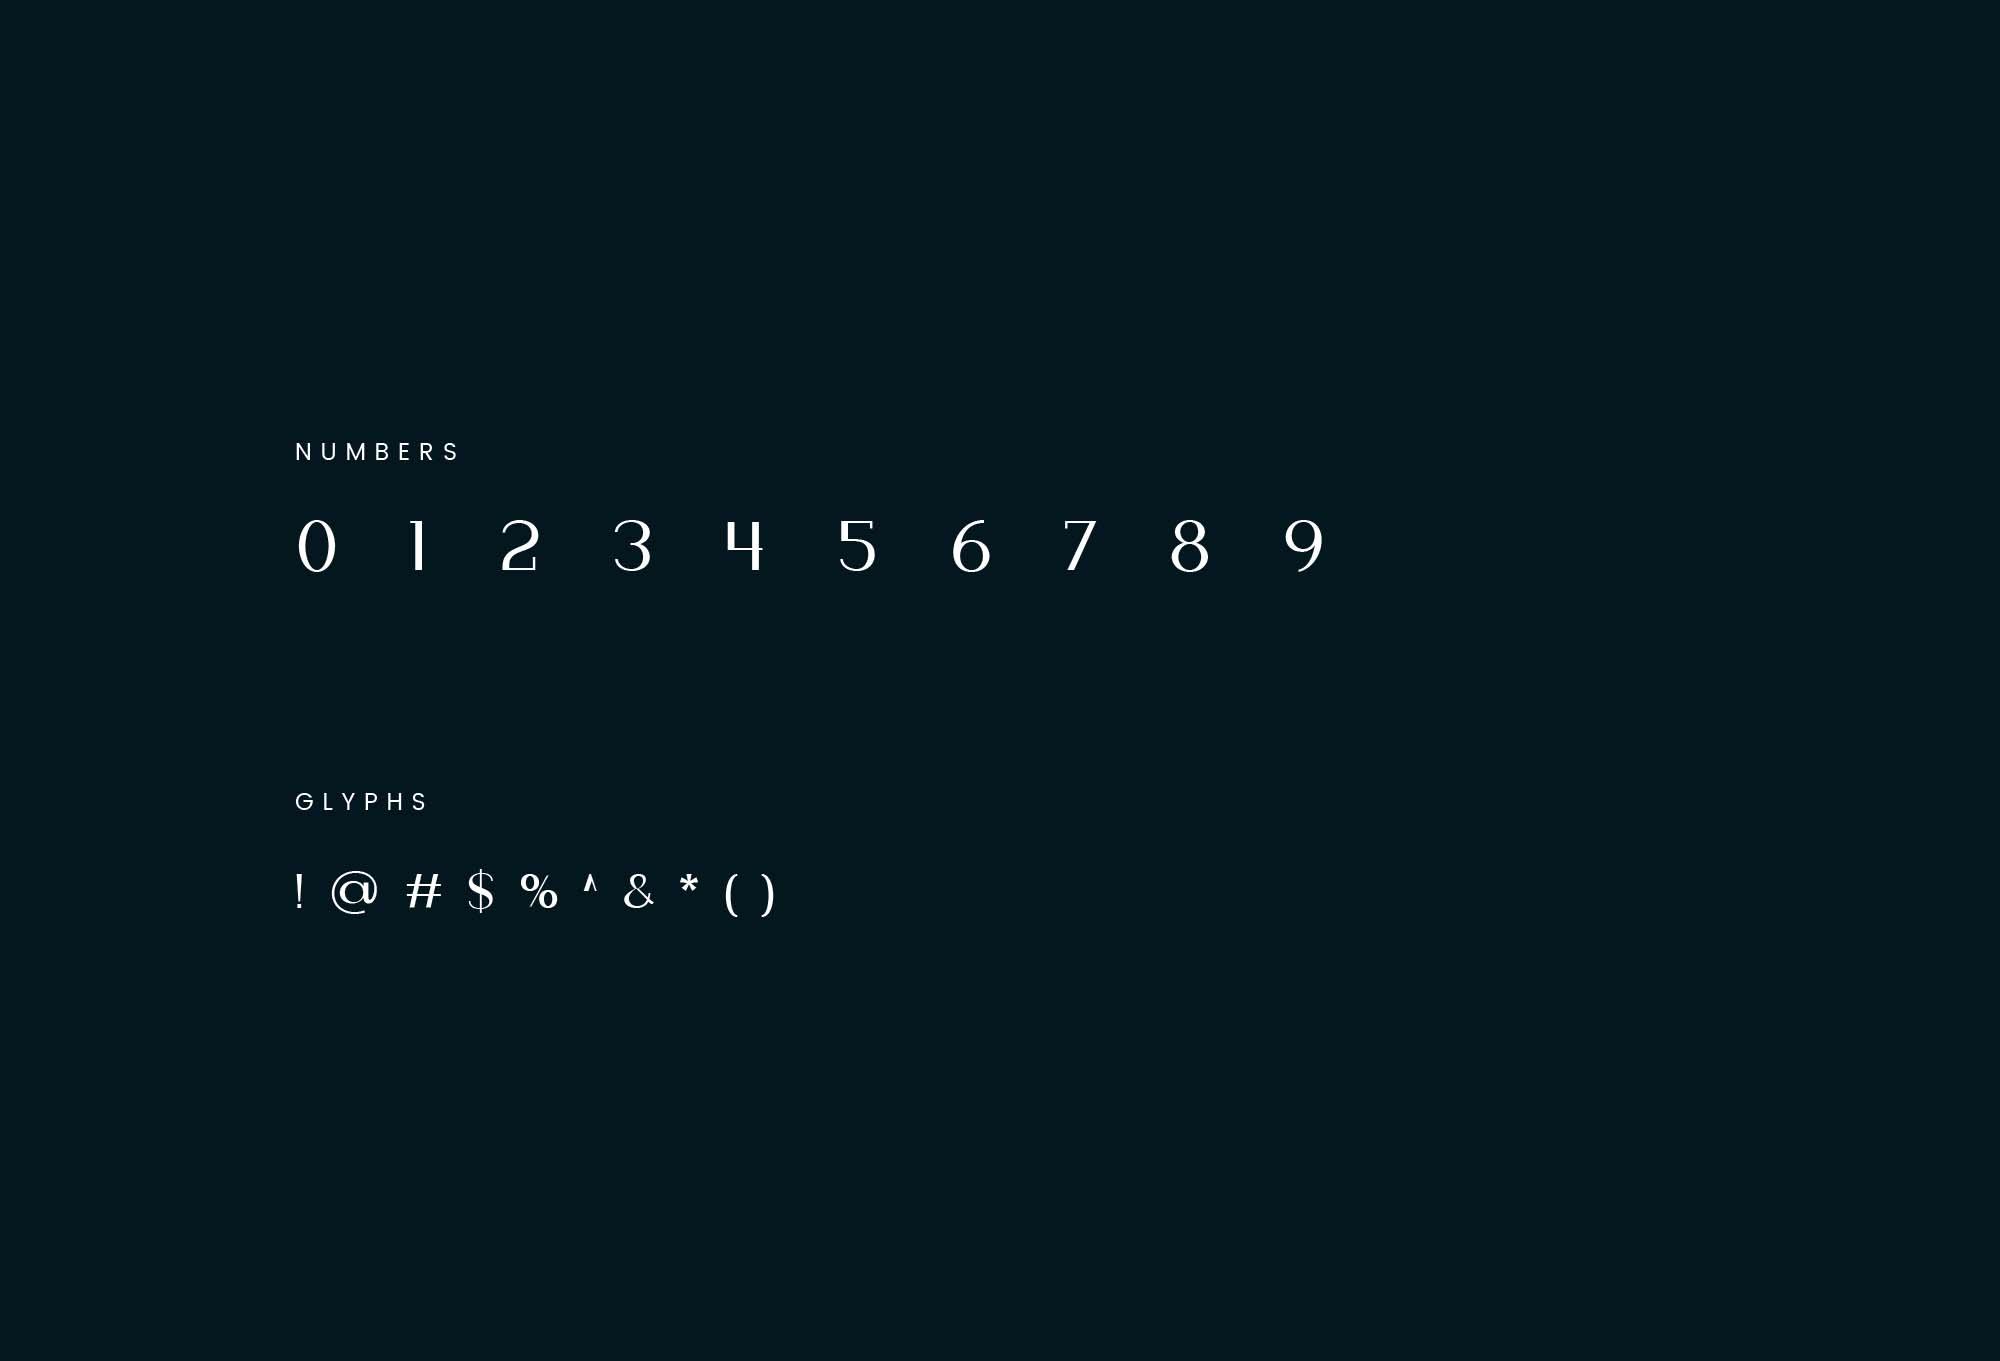 经典优雅无衬线大写英文字体 Cremona Sans Typeface插图(5)